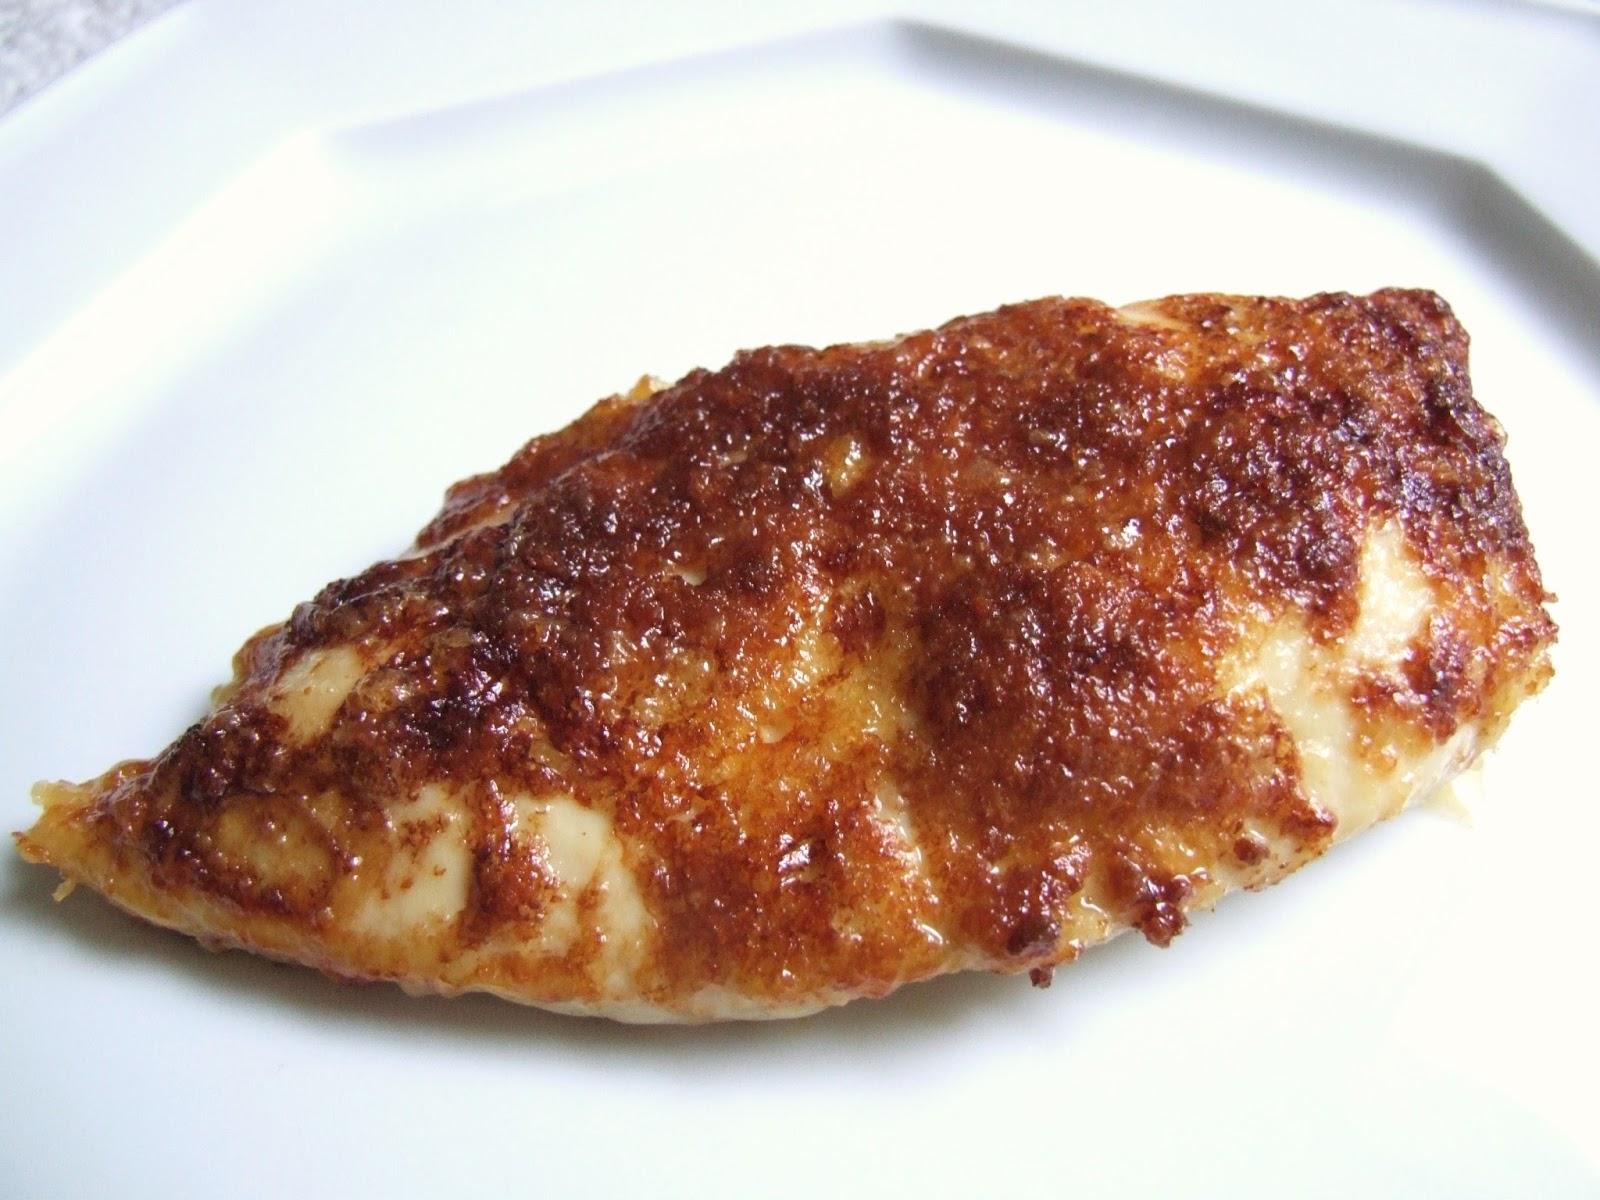 Cooking julia poulet fond dans la bouche - Comment cuisiner des blancs de poulet ...